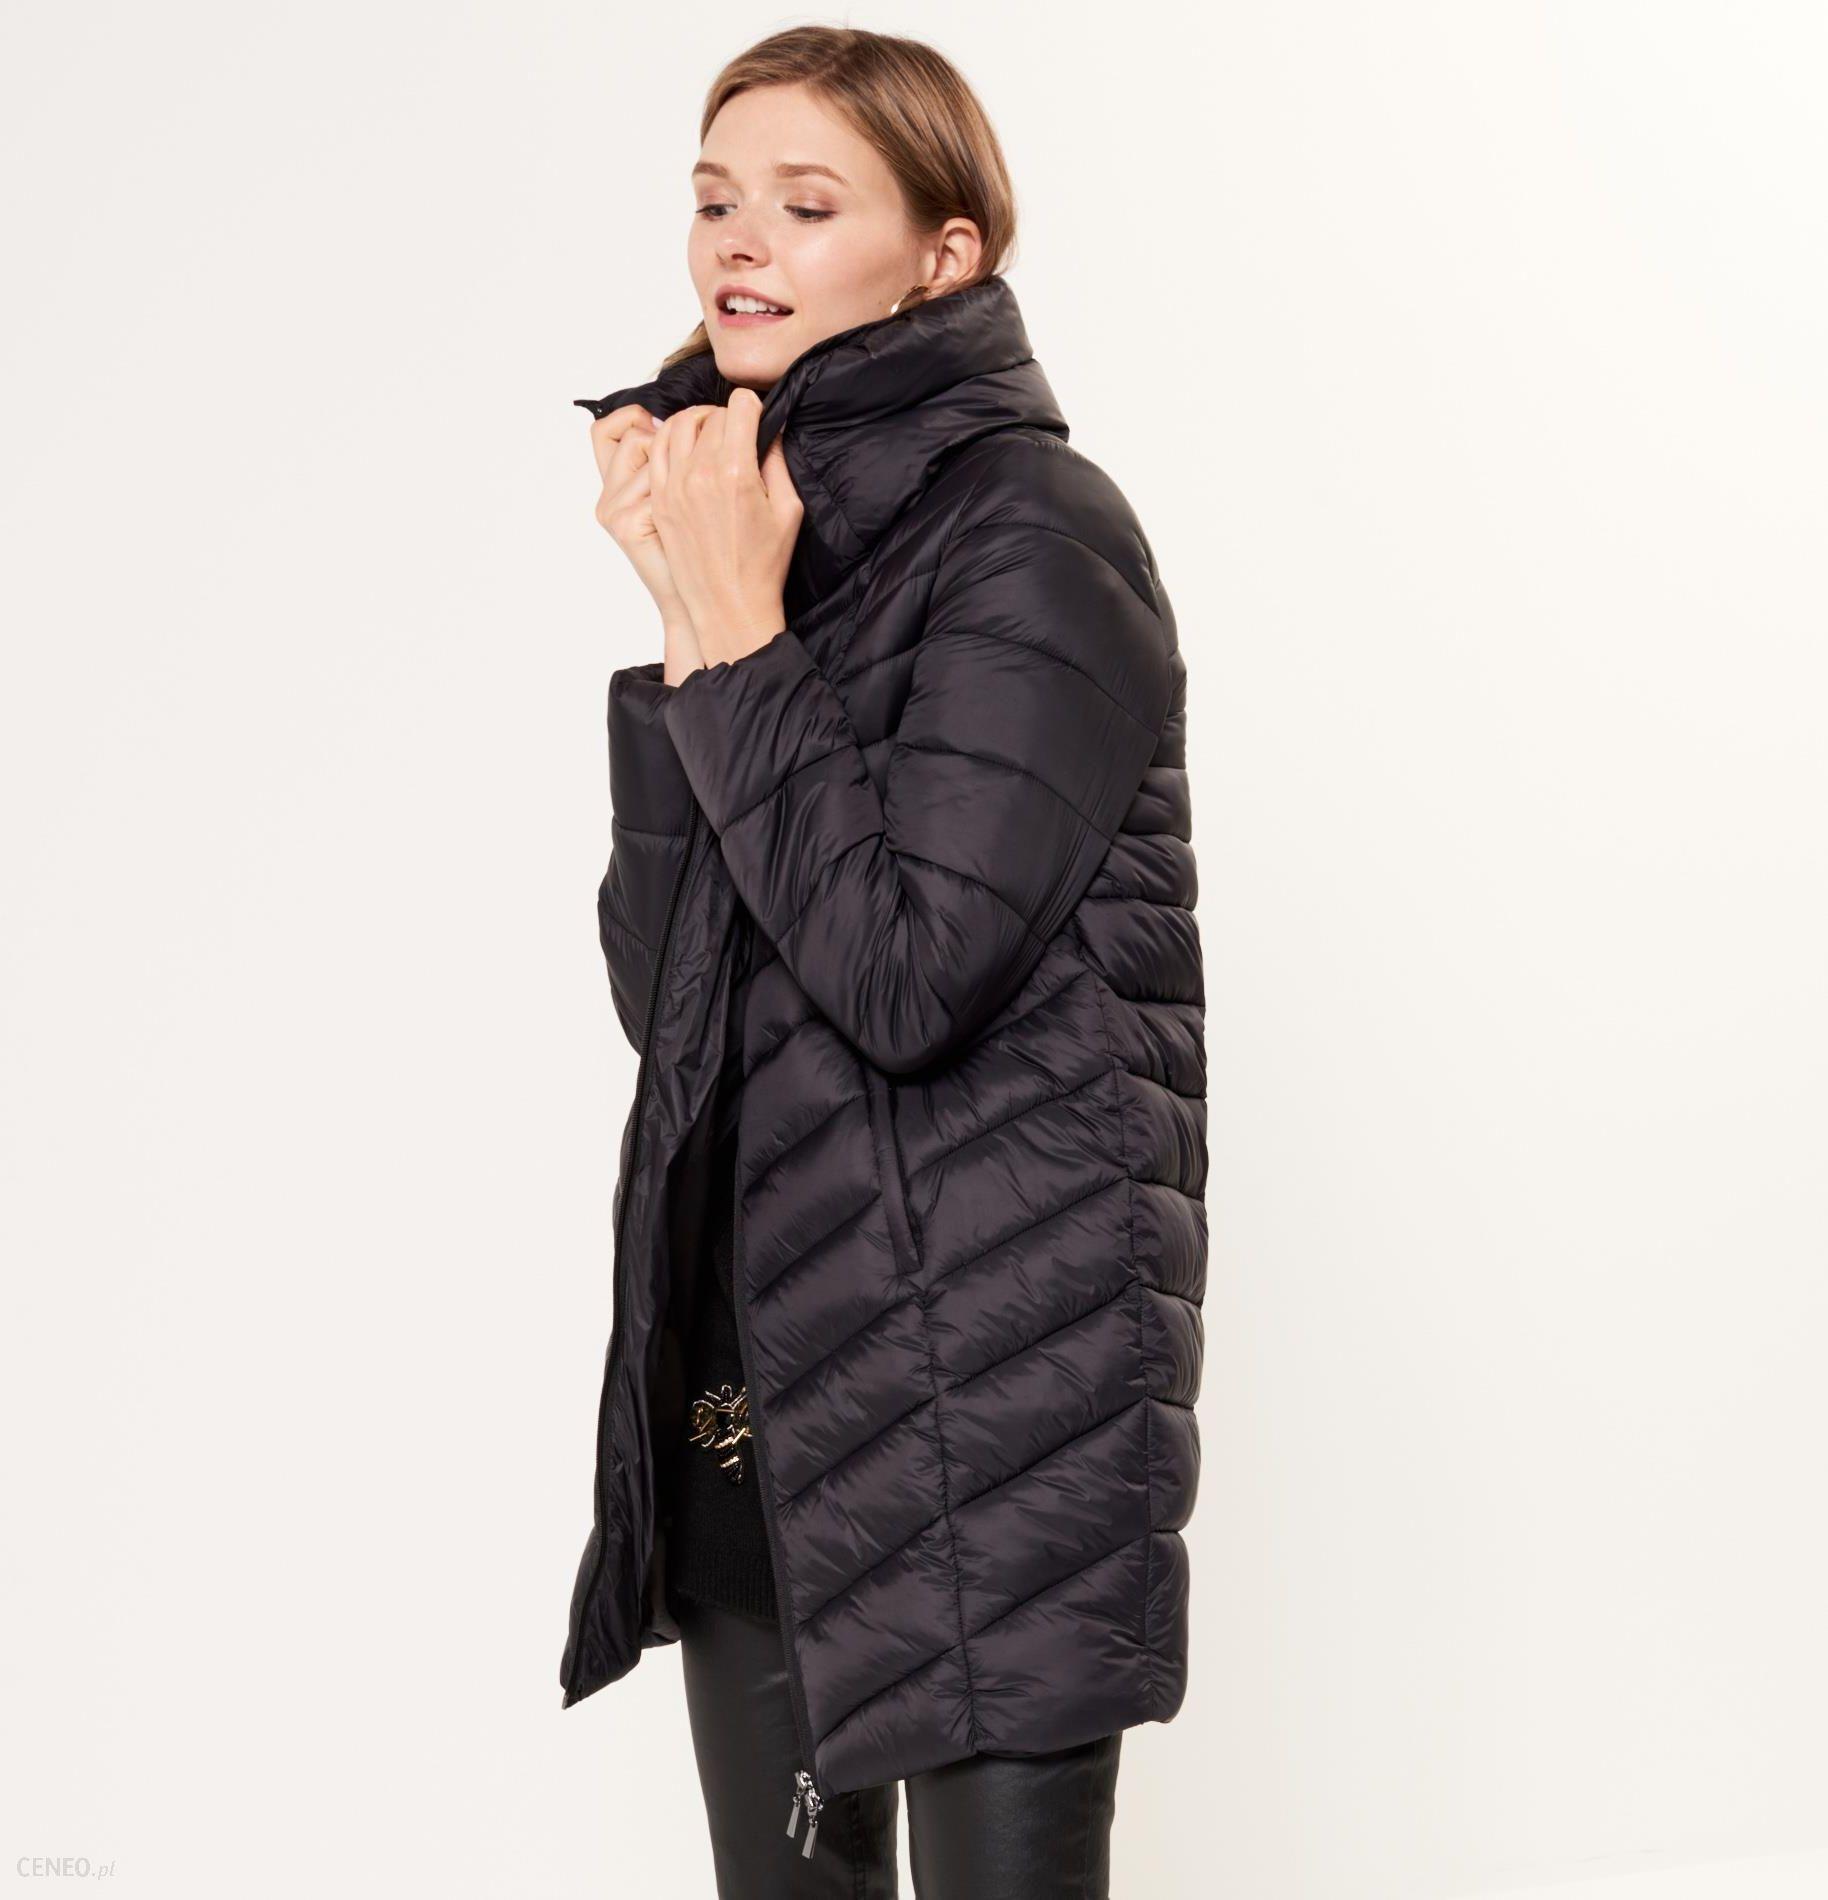 Płaszcze damskie puchowe potrafią ochronić przed zimnem, mrozem i padającym wciąż śniegiem. Warto zainteresować się okryciami dla kobiet dostępnymi w naszej ofercie, ponieważ mamy bardzo wiele modnych modeli płaszczy damskich softhome24.ml znajdą u nas płaszcze damskie pikowane dostępne w różnych kolorach oraz nowoczesnych jak i klasycznych fasonach.